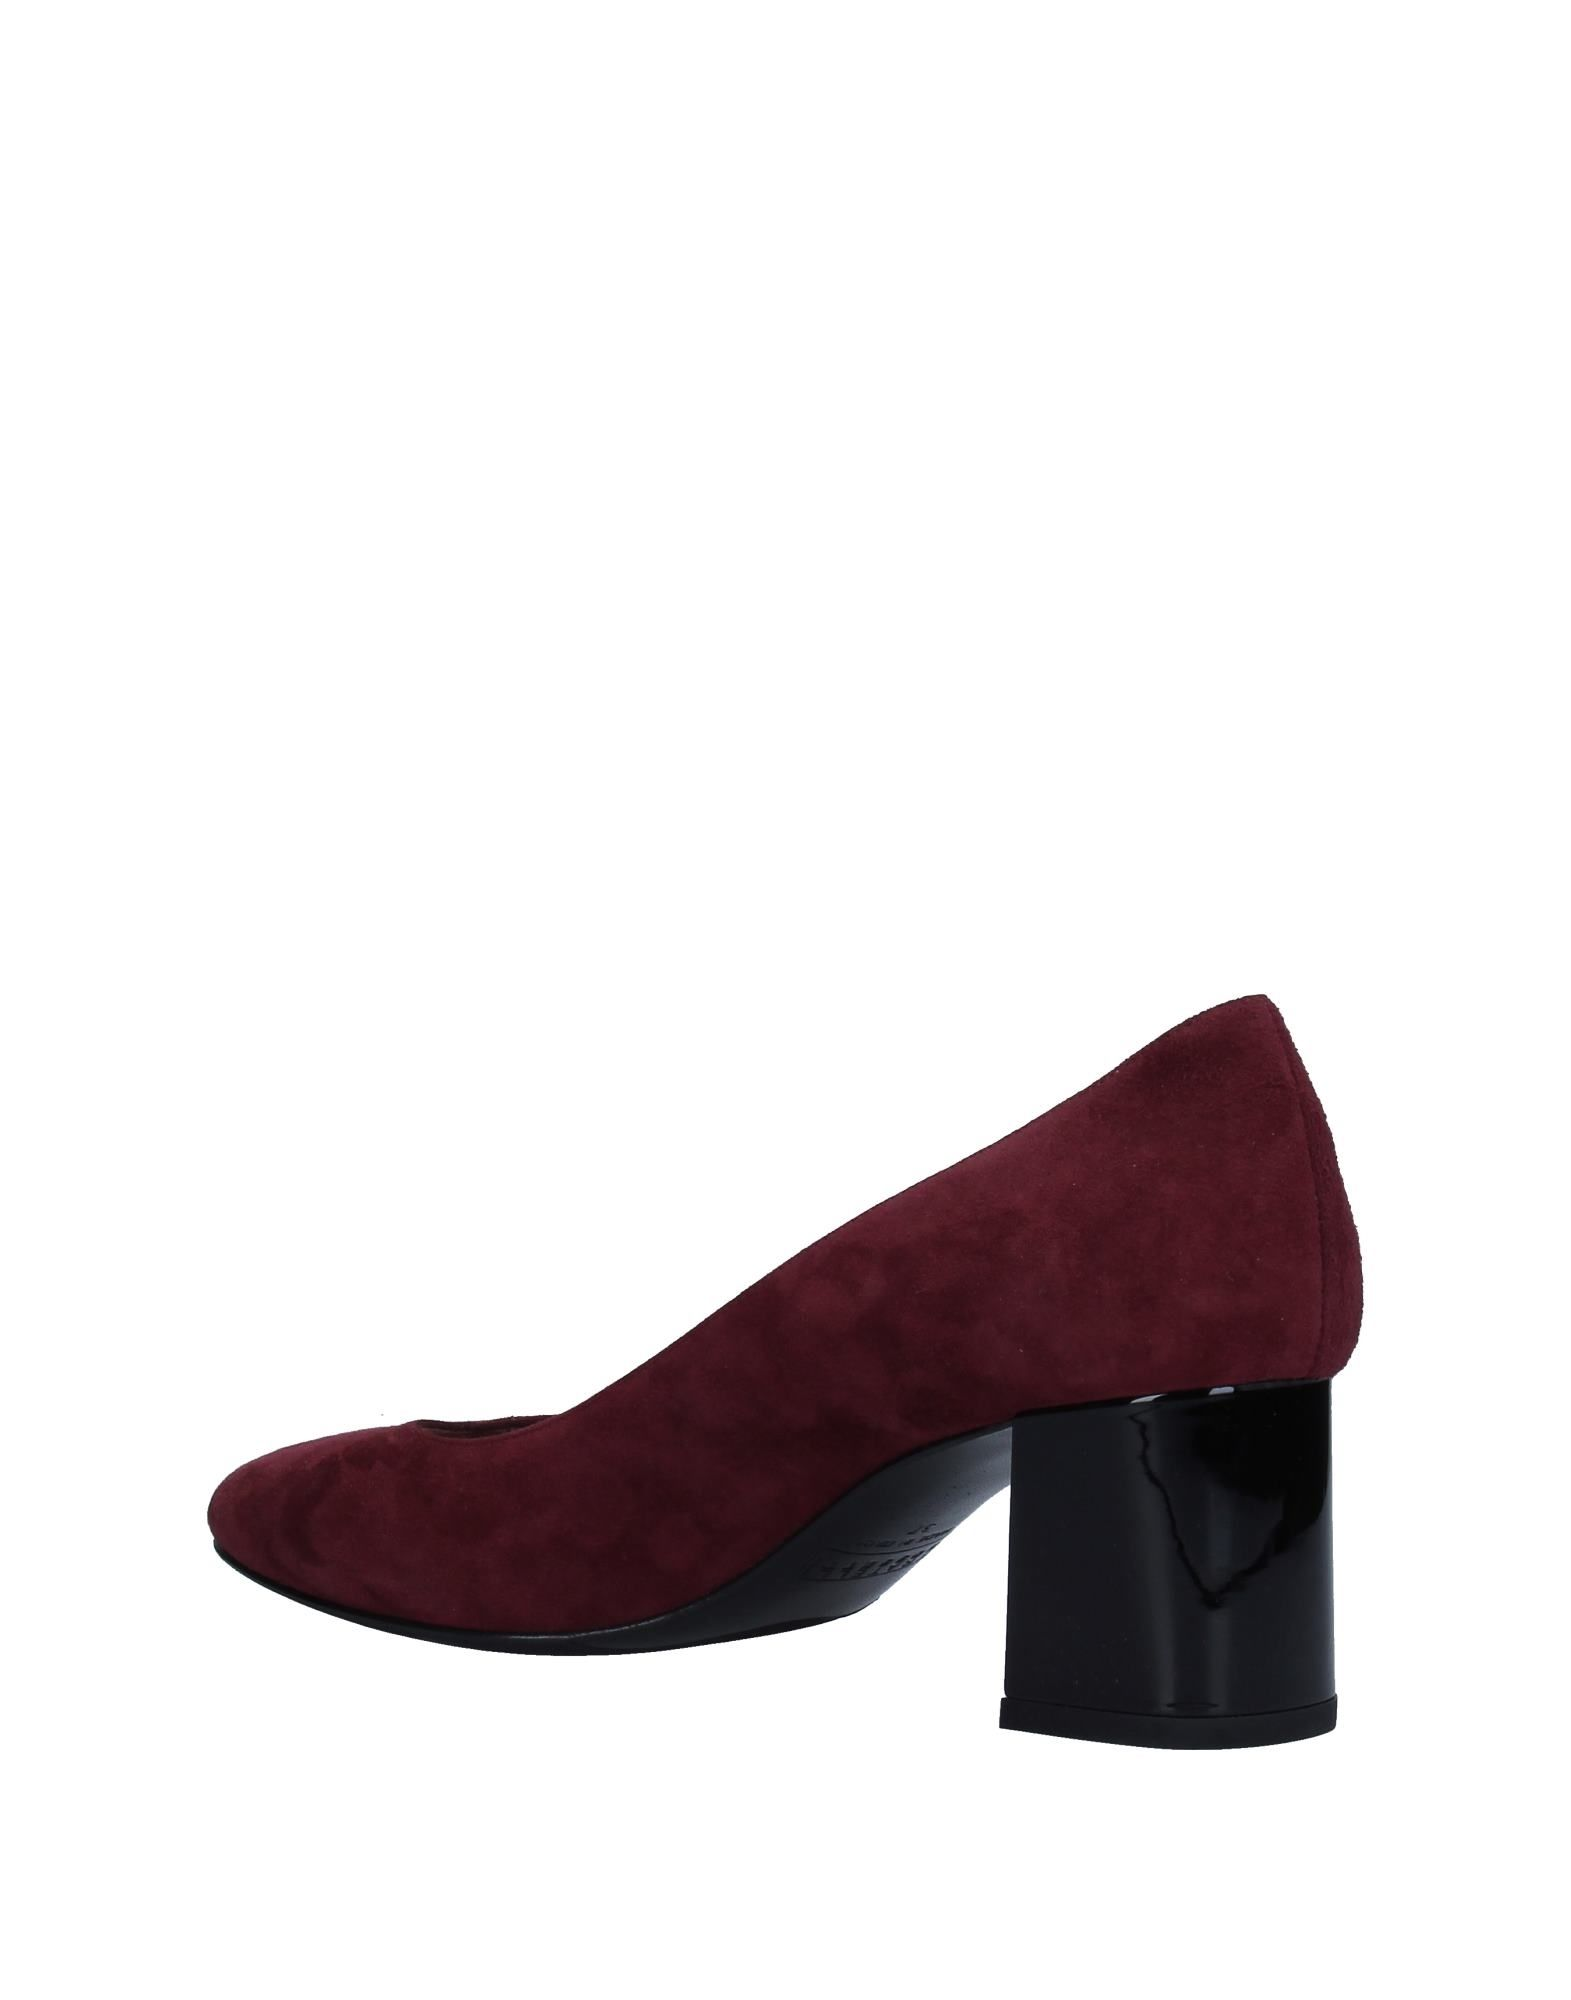 Fratelli Rossetti Pumps Damen Schuhe  11333336THGut aussehende strapazierfähige Schuhe Damen 6a9e22